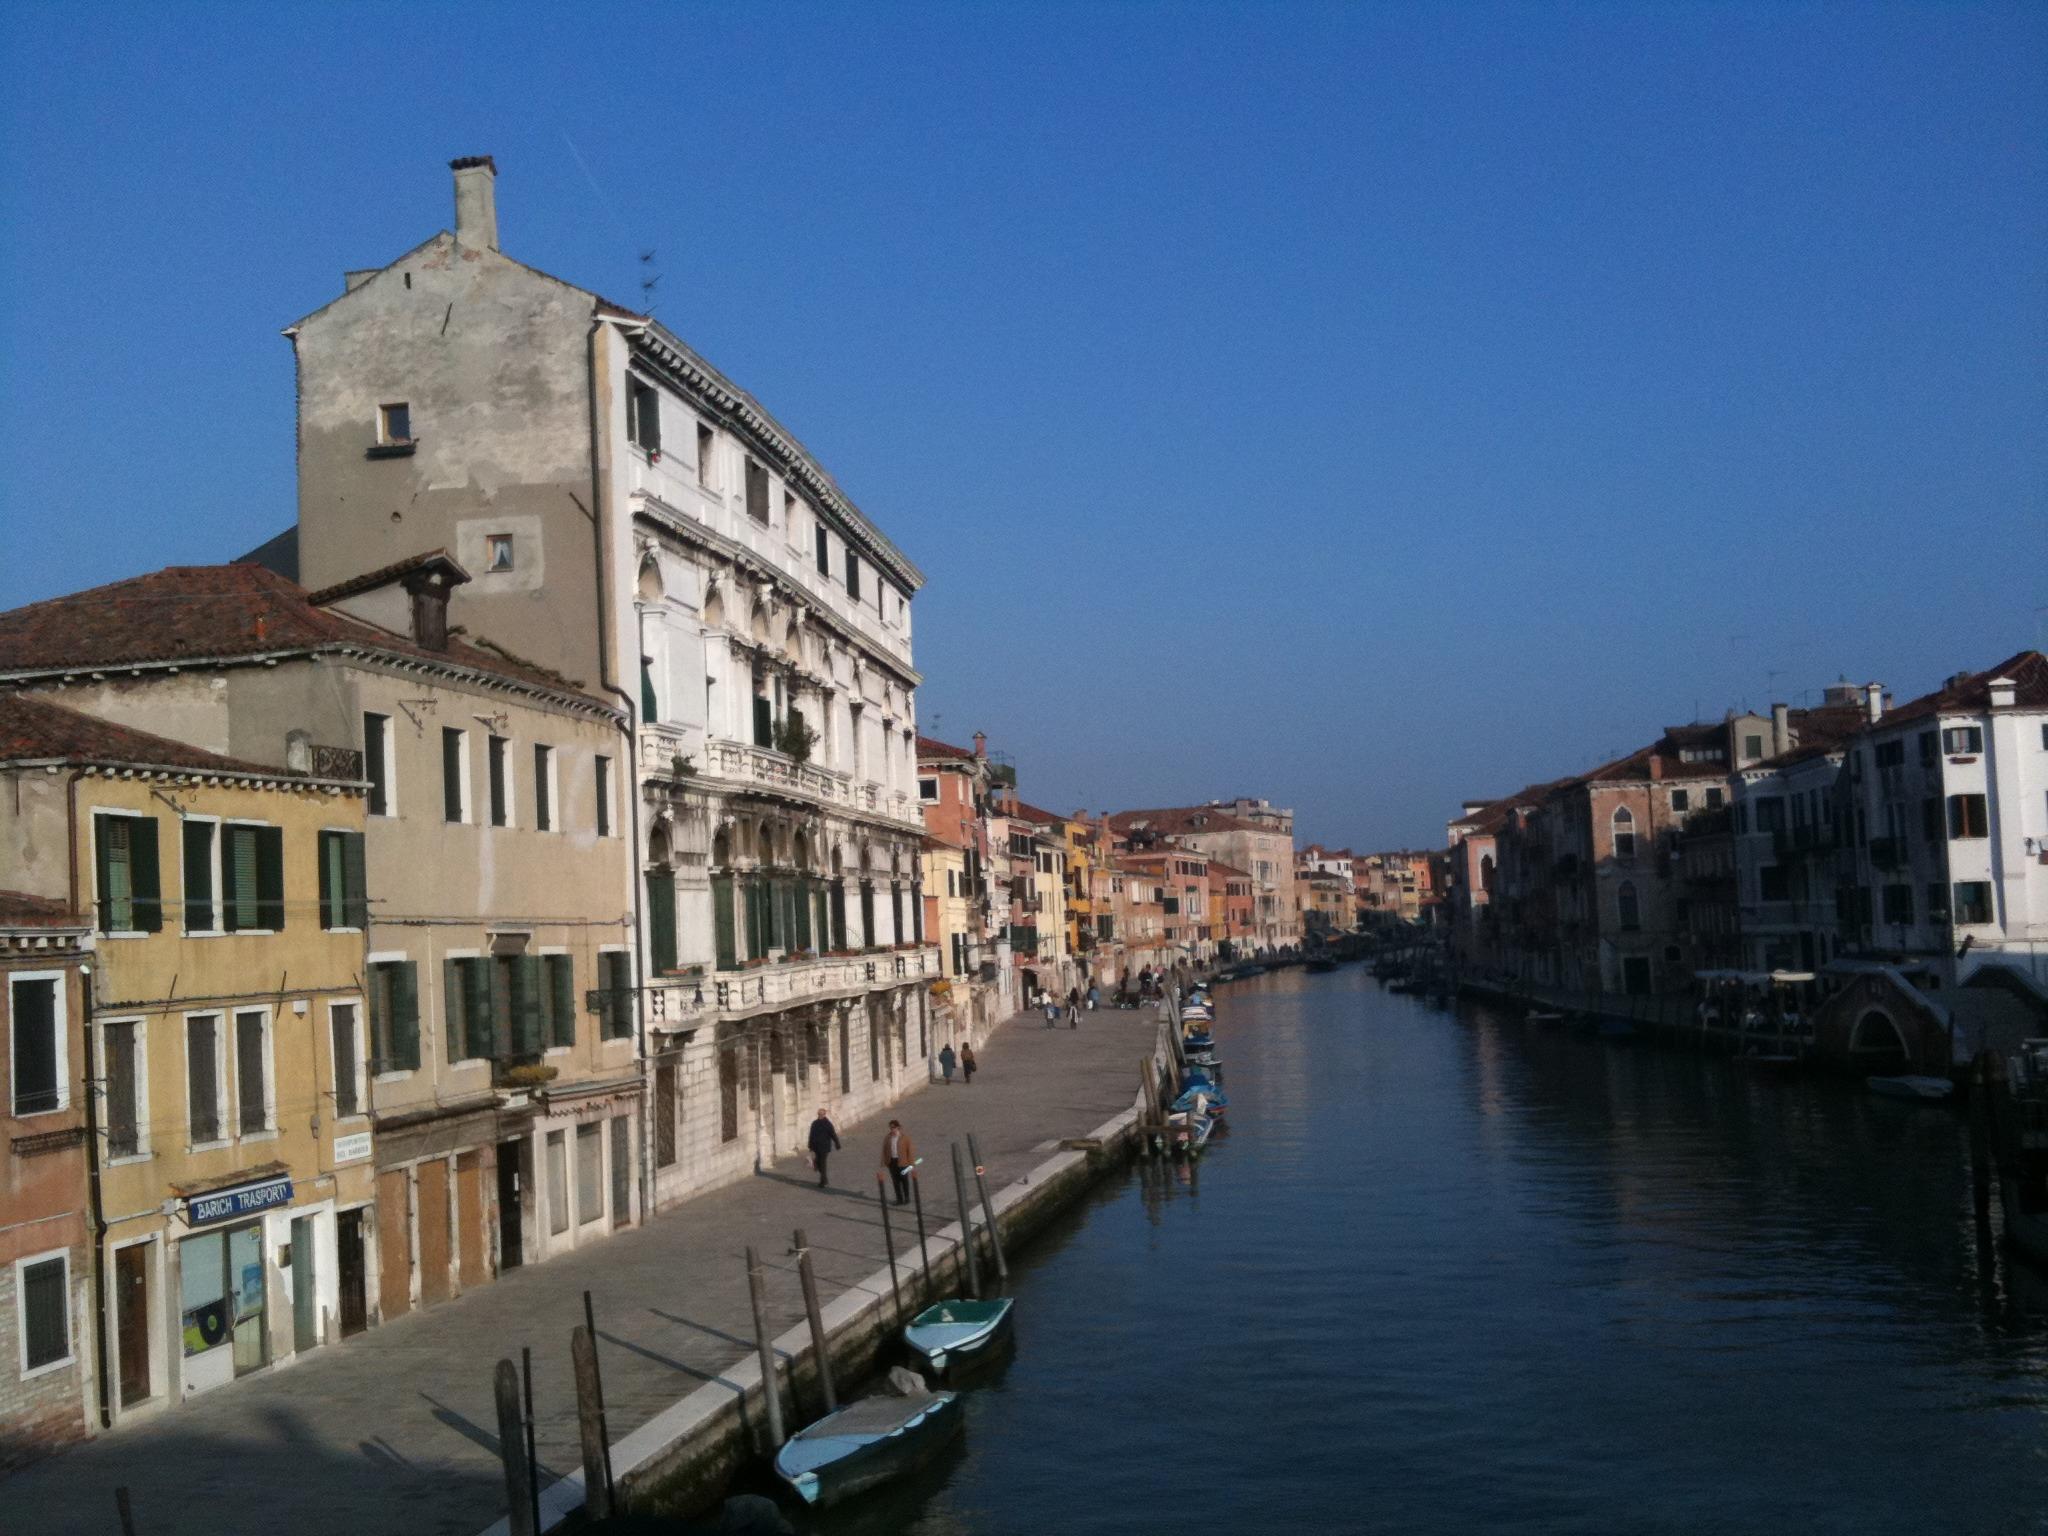 Venice - Mobile Photos - Day 5